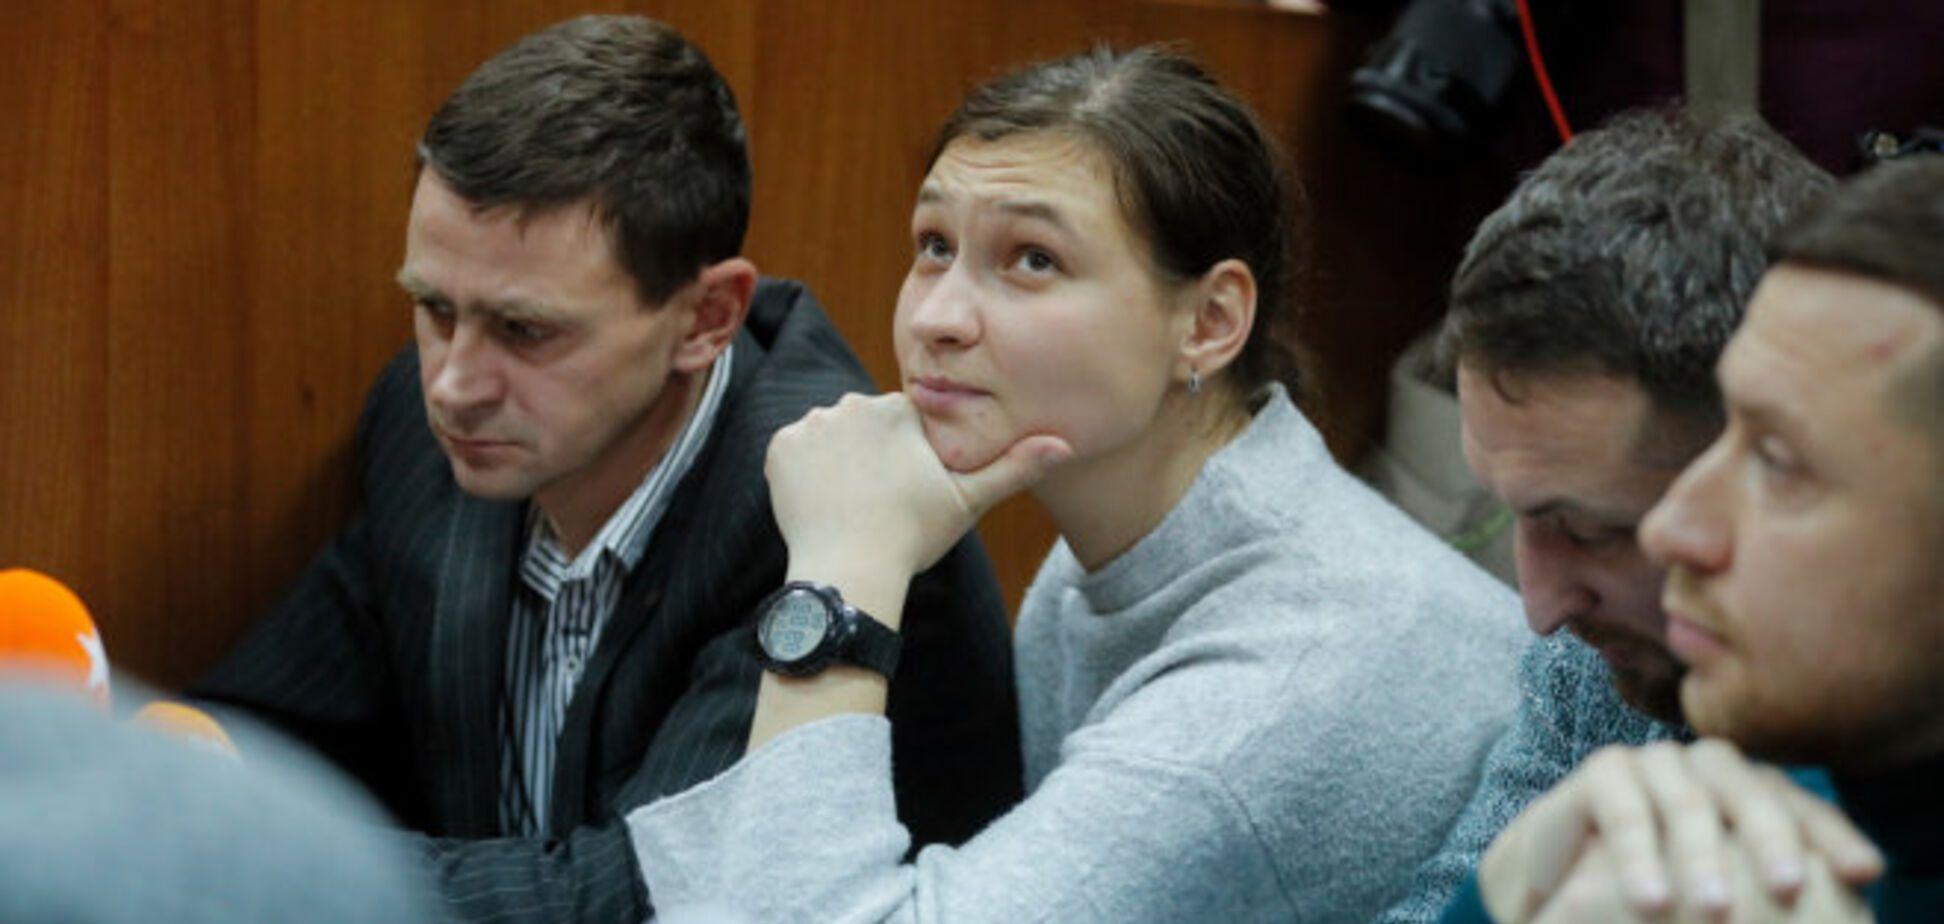 Для фигурантки дела об убийстве Шеремета Дугарь потребовали залог: названа сумма